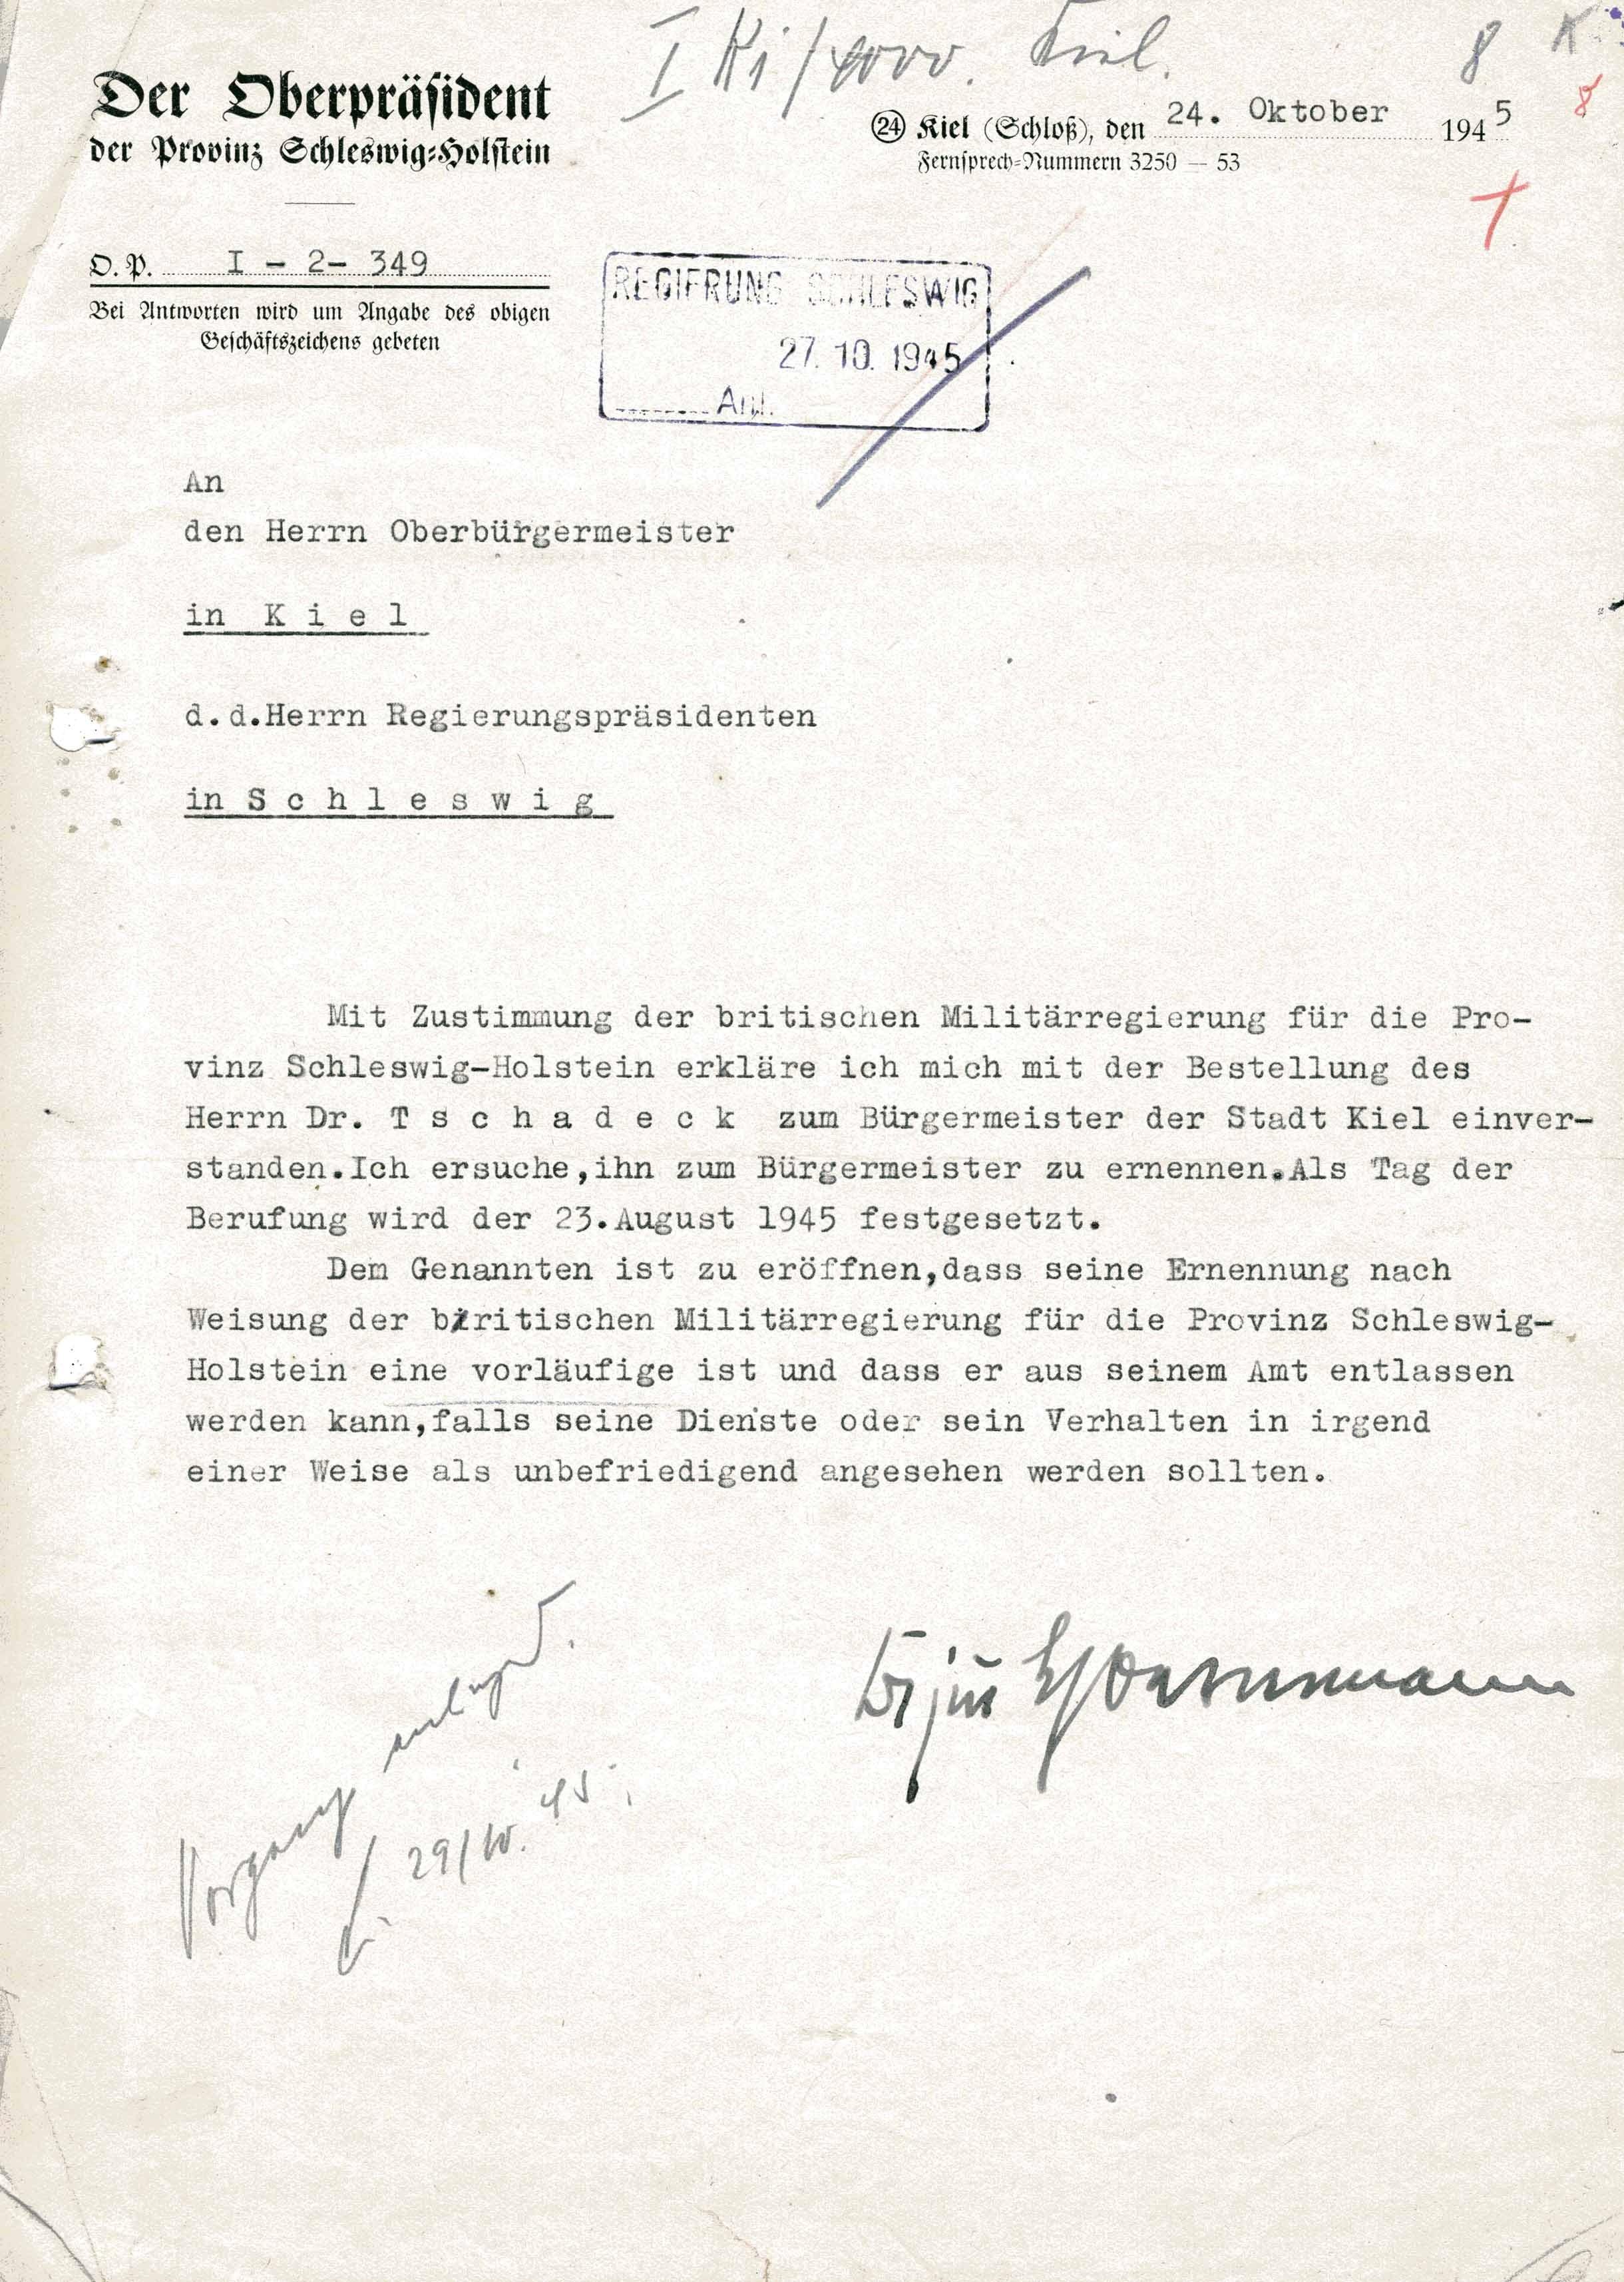 Meldung über die Berufung Otto Tschadeks zum Bürgermeister von Kiel, 24. Oktober 1945. Quelle: Stadtarchiv Kiel